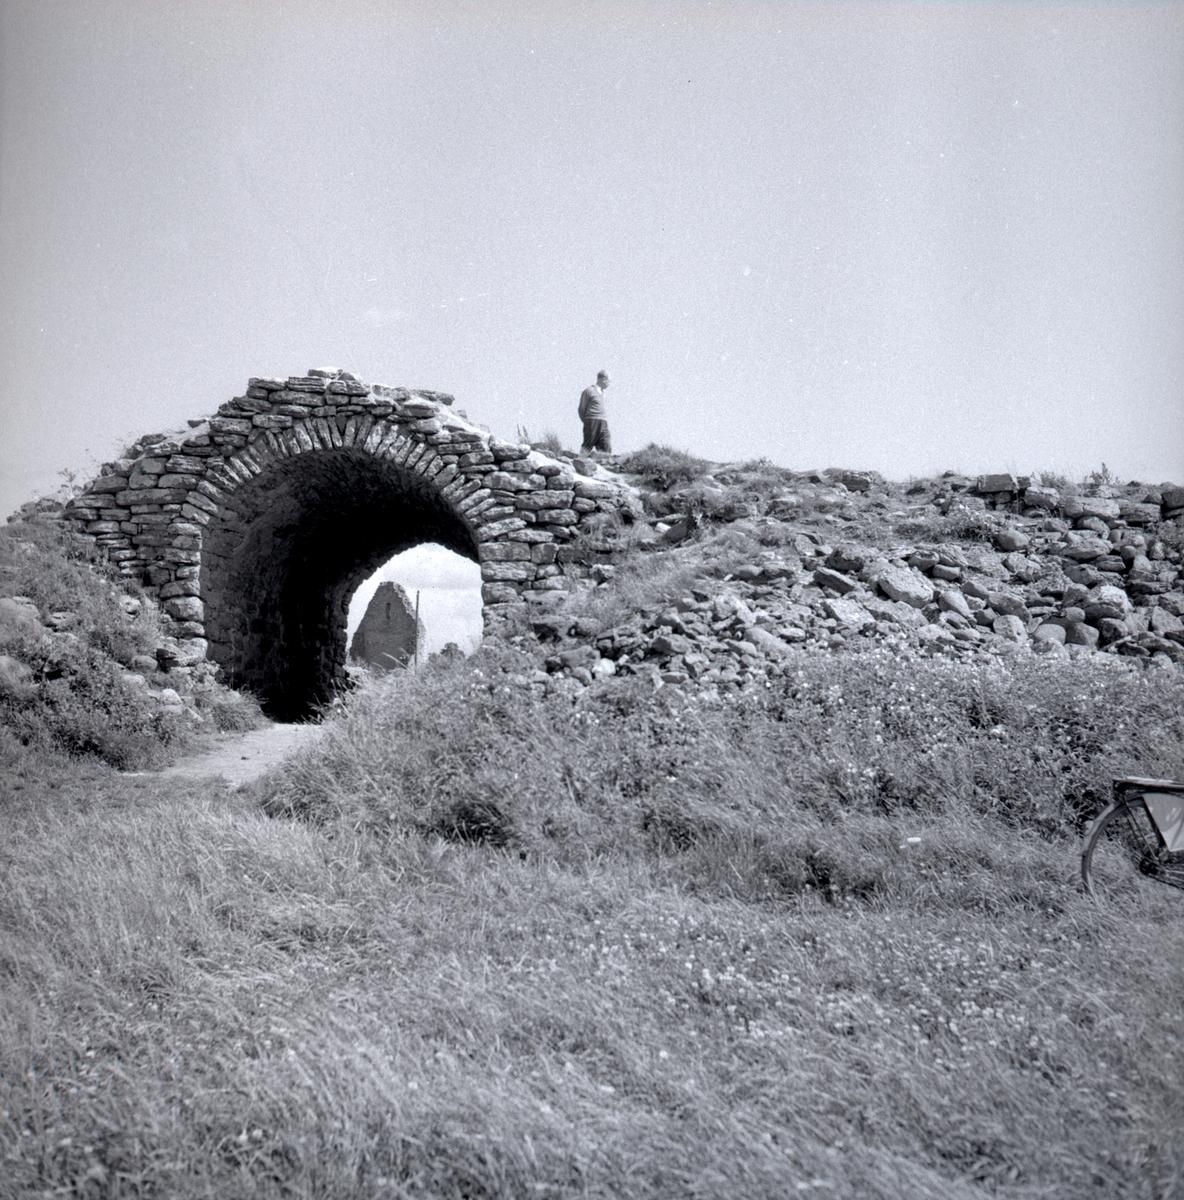 Gråborg. S:t Knuts kapell syns genom valvet.  Ölands största fornborg, anlagd under järnåldern men i bruk ända in i historisk tid. Intill borgen finns en medeltida kapellruin och byn Borg med ett välhävdat odlingslandskap. Gråborg är Ölands största fornborg och även en av Sveriges största anläggningar i sitt slag. Liksom Ismanstorp är den belägen centralt på ön. Borgen har tidigare benämnts Backaborg men denna benämning har efter hand flyttats över till den närliggande byn Borg.  Borgmuren omsluter en yta på 210 x 160 meter och ringmurens höjd varierar 4-7 meter. Murens ursprungliga höjd har uppgått till cirka 8-10 meter med en tjocklek på cirka 10 meter. I nordväst finns en port med ett medeltida valv som förstärkt med kalkbruk. Borgen har tidigare haft ytterligare två portar, en i norr och en i söder. Enligt äldre källor har den befintliga porten tidigare krönts av ett mindre torn, även den södra porten har haft ett torn.  Källa Länsstyrelsen.